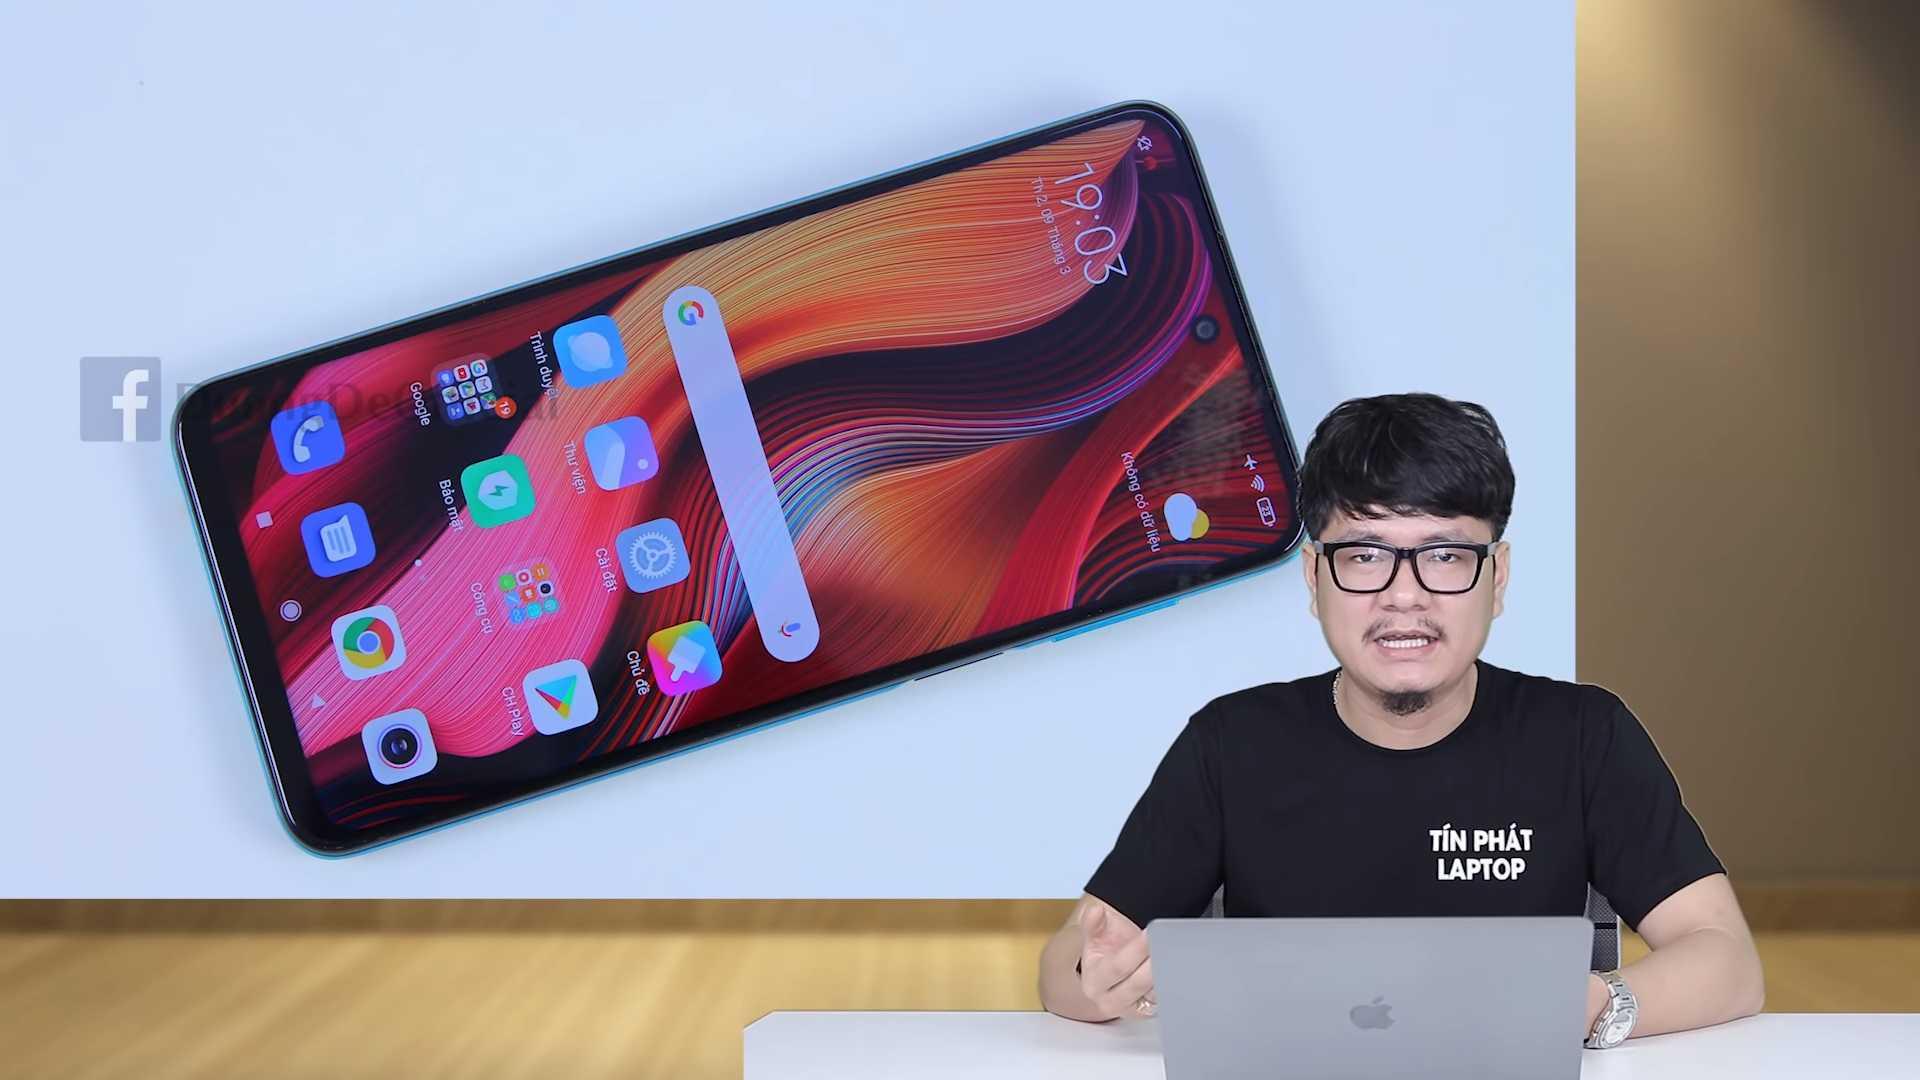 Буквально за день до официальной премьеры нового китайского среднебюджетного смартфона под названием Redmi Note 9 качественными картинками поделился Судханшу Амбхоре